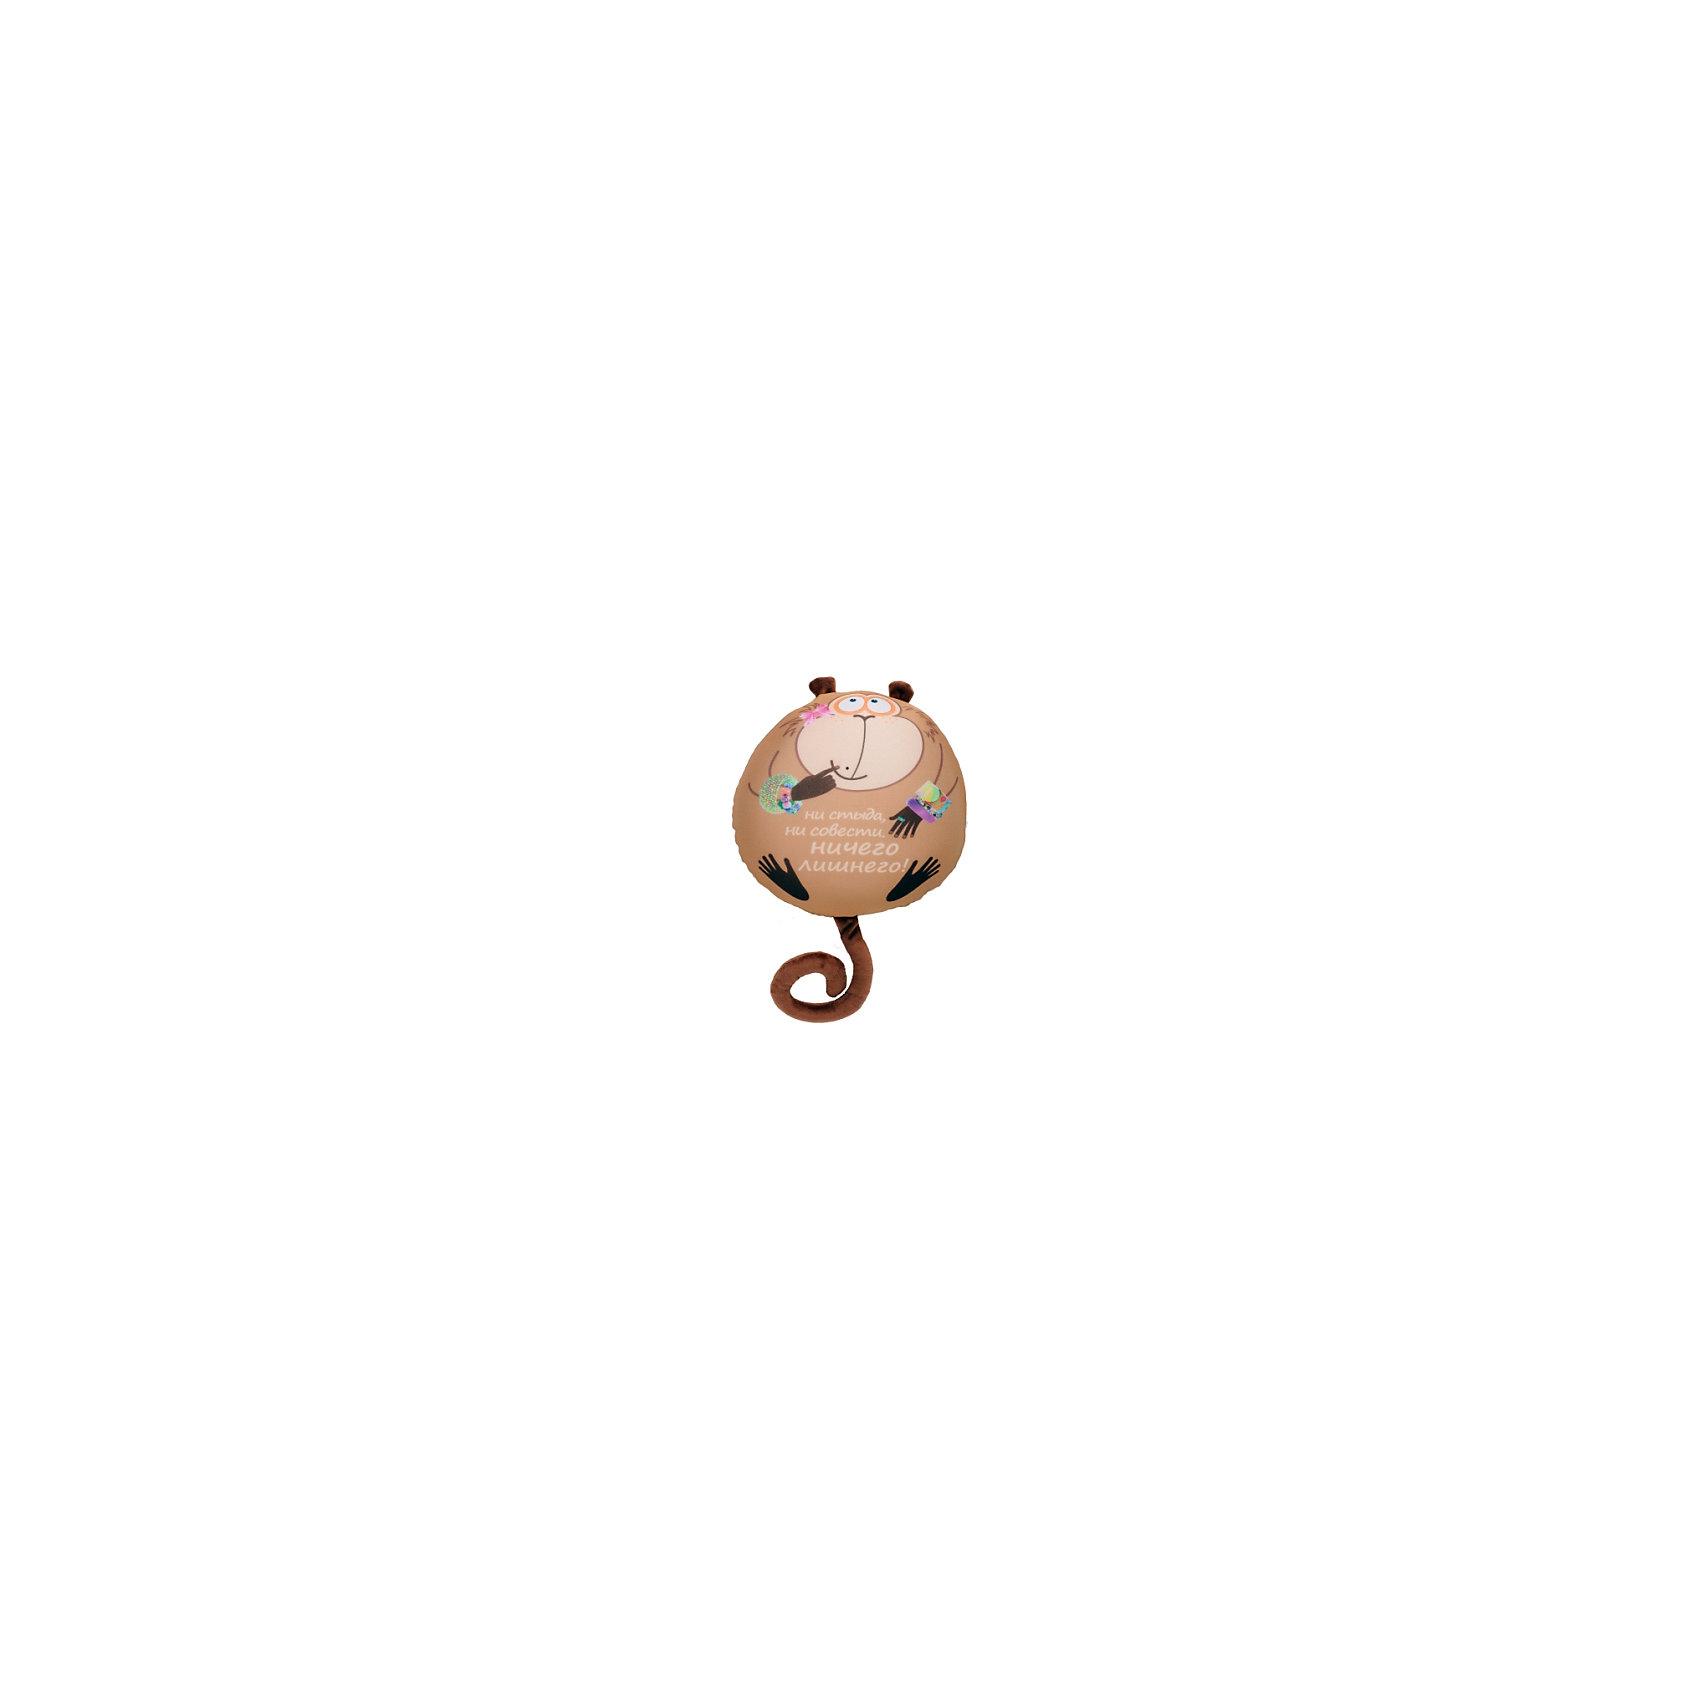 Подушка обезьянка Жужу В28, арт. 2932/БЖ-6/28Подушка обезьянка Жужу В28, арт. 2932/БЖ-6/28 – это подушка-игрушка, которая снимет напряжение и поднимет настроение.<br>Мягкая подушка-антистресс в виде забавной обезьянки, с которой так здорово играть, способна зарядить позитивом и стать аккумулятором хорошего настроения. Она очень эффектна и красива, и создает поистине волшебный релаксирующий эффект. Обшивка выполнена из высокопрочного полиэстера, обладающего повышенной эластичностью. Наполнитель - гранулы пищевого полистирола, диаметр шариков - менее миллиметра. Подушка приятна на ощупь, легка, упруга и всегда хорошо выглядит: как бы сильно ребенок не сжимал ее, она неизменно возвращается в первоначальную форму. Это идеальный рецепт хорошего настроения! Она подходит абсолютно всем, поскольку не вызывают аллергии. Оригинальный стиль и великолепное качество исполнения делают эту подушку-игрушку чудесным подарком к любому празднику.<br><br>Дополнительная информация:<br><br>- Материал верха: полиэстер<br>- Наполнитель: гранулы полистирола<br>- Цвет: бежевый<br>- Высота: 28 см.<br>- Вес: 210 гр.<br><br>Подушку обезьянка Жужу В28, арт. 2932/БЖ-6/28 можно купить в нашем интернет-магазине.<br><br>Ширина мм: 100<br>Глубина мм: 280<br>Высота мм: 280<br>Вес г: 210<br>Возраст от месяцев: 36<br>Возраст до месяцев: 2147483647<br>Пол: Унисекс<br>Возраст: Детский<br>SKU: 4441609